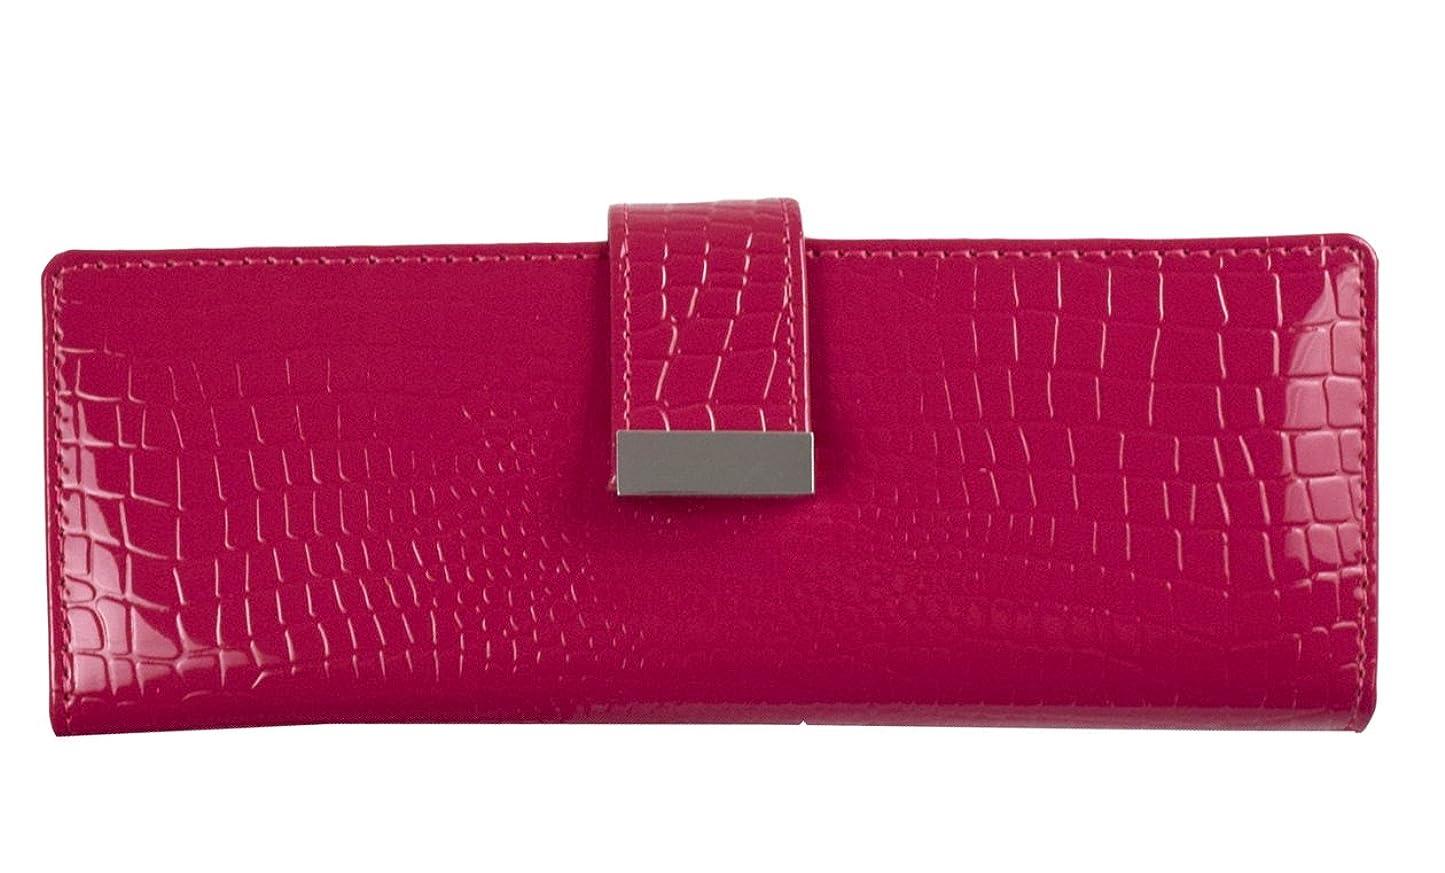 自宅でアブセイイデオロギーレディース 10色 本革エナメル クロコ調 レディース カードケース 財布 59ポケット(40枚ポケットとサイドに差し込み17ポケットとフリーポケット2個)付き 高級